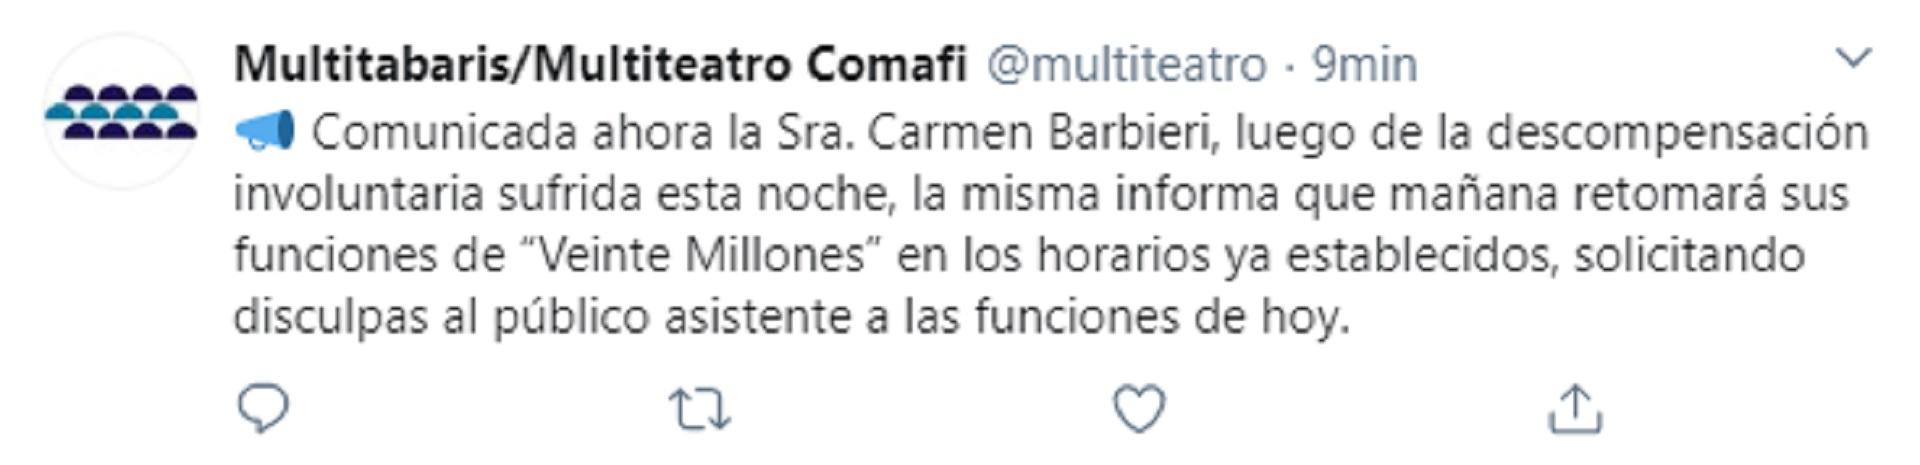 Tuit sobre la salud de Carmen Barbieri